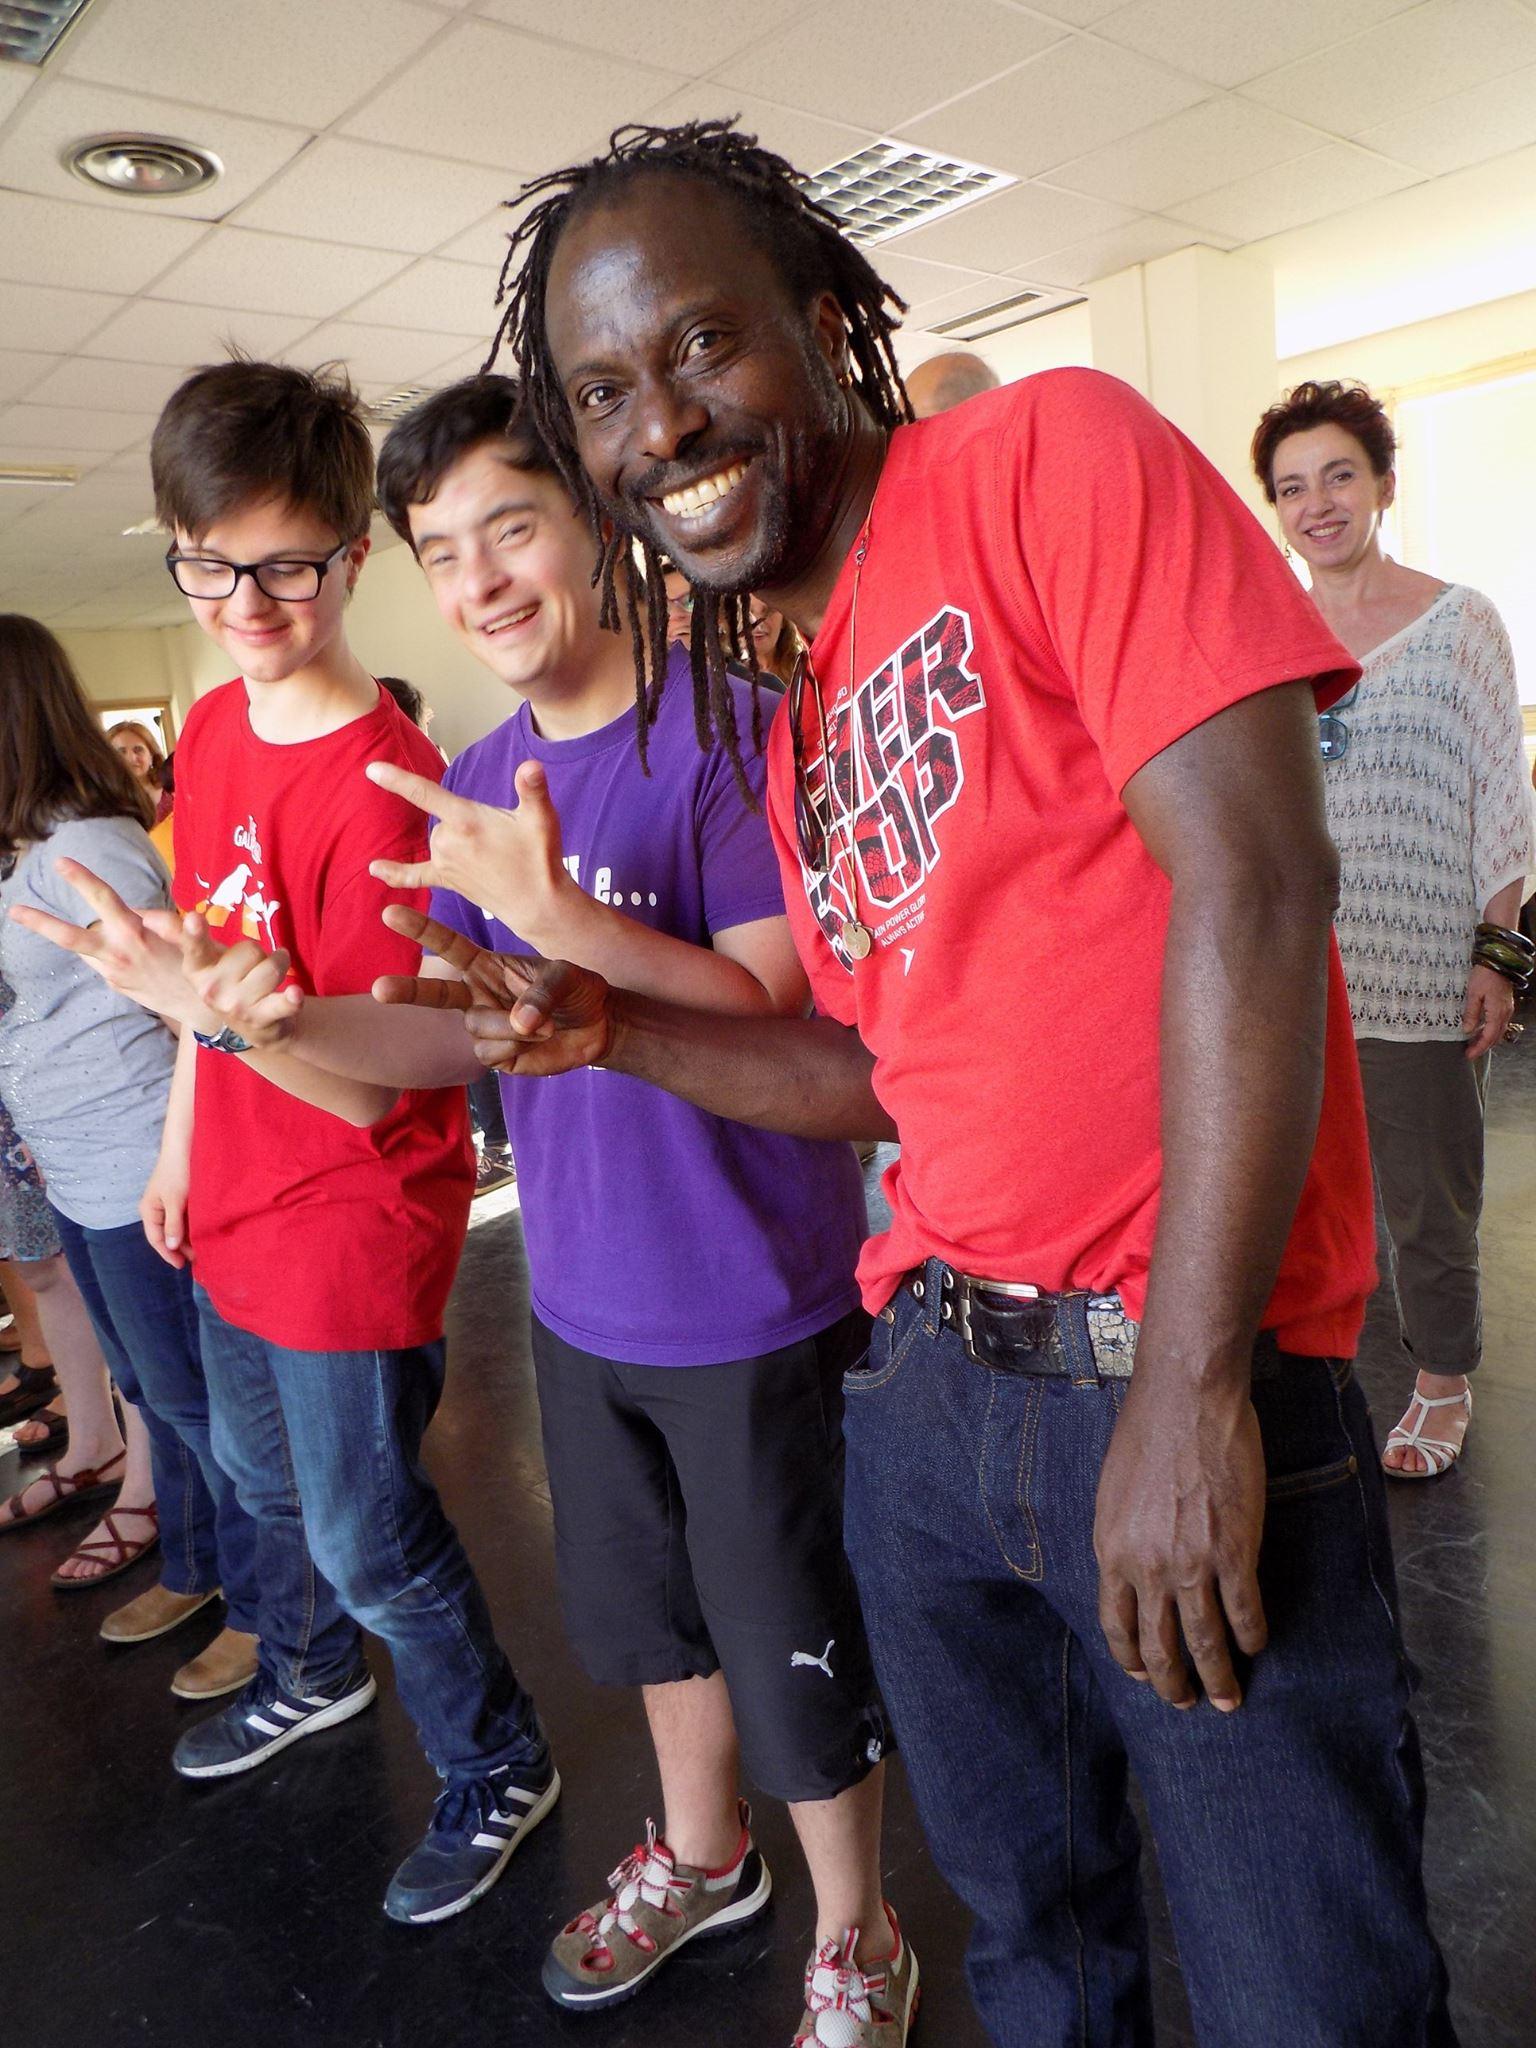 Migranti, a Firenze centro di accoglienza diventa luogo d'integrazione grazie al teatro